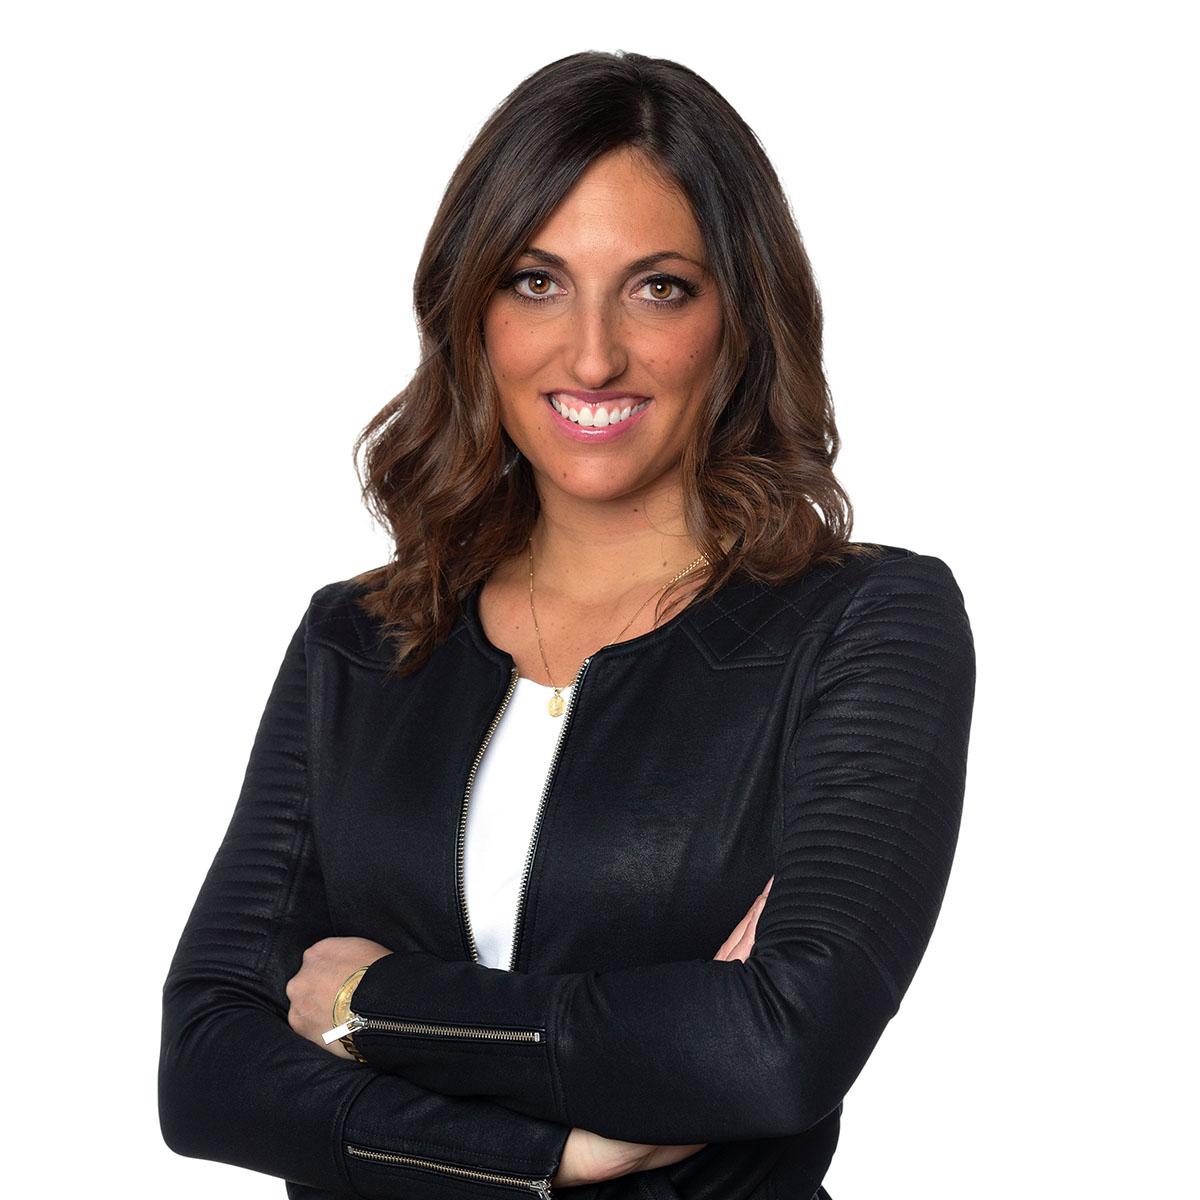 Lisa Lipari